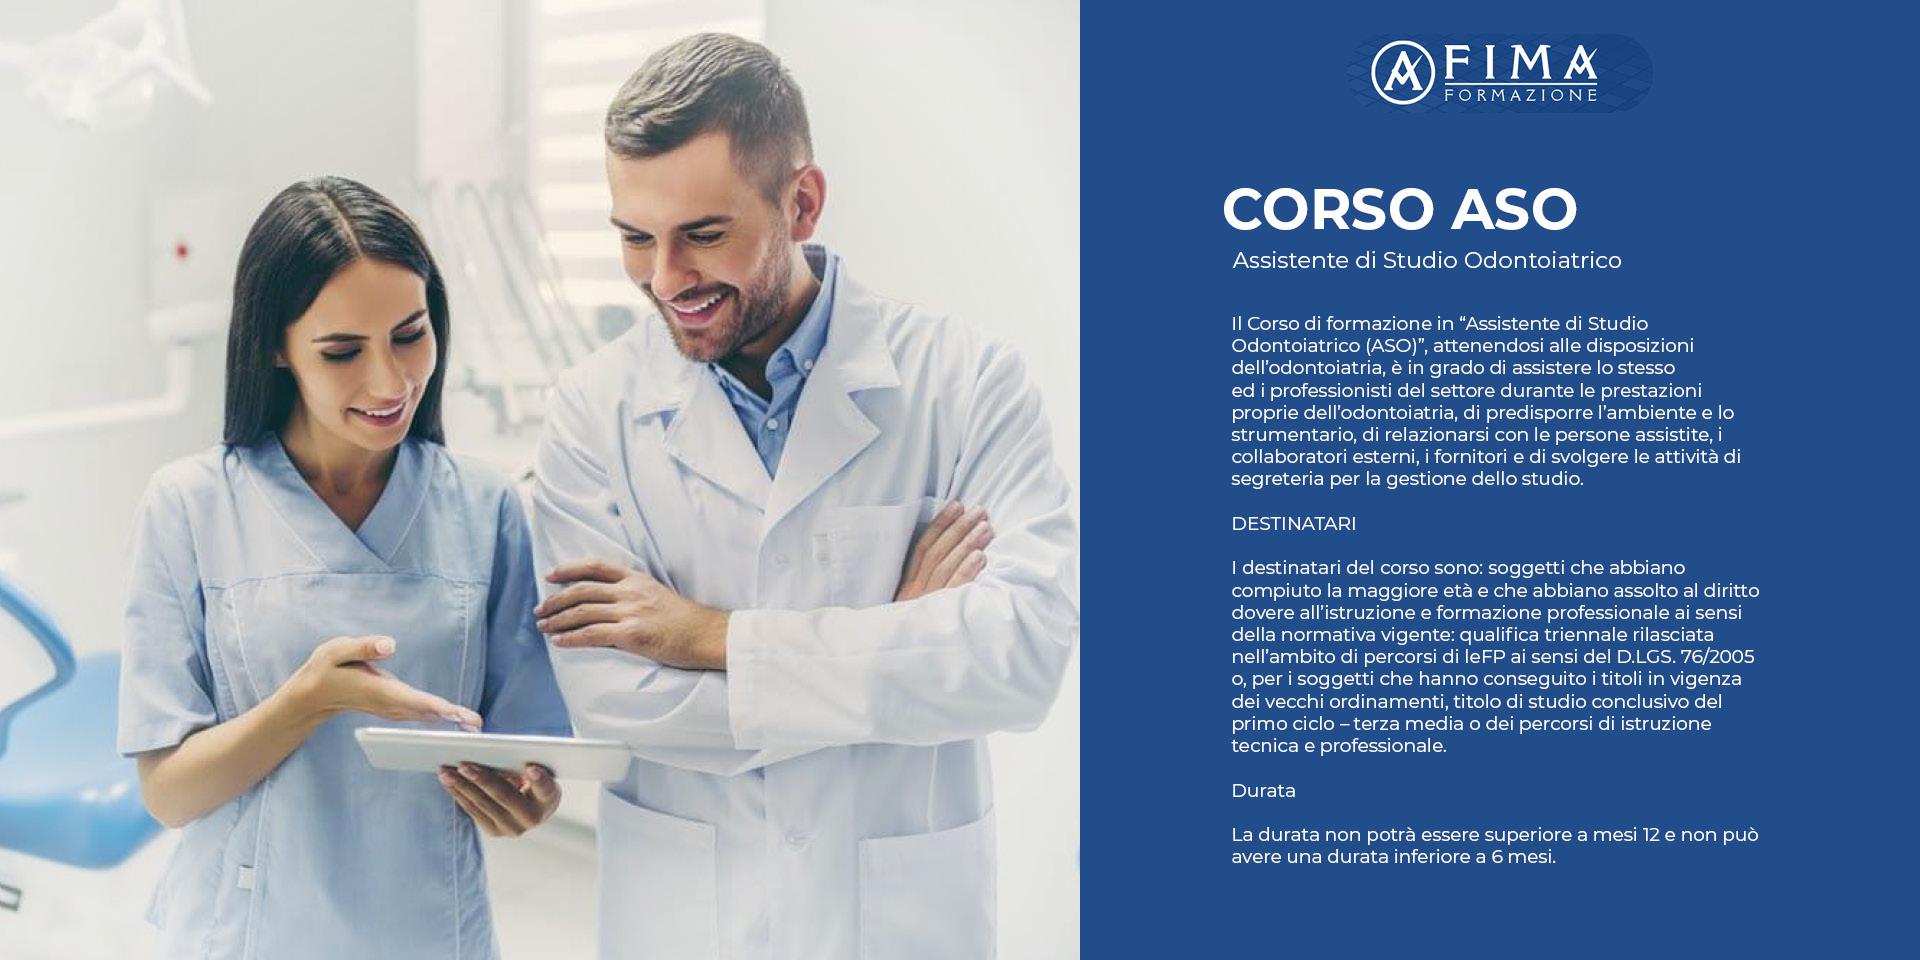 Corso ASO - Assistente Studio Odontoiatrico Messina